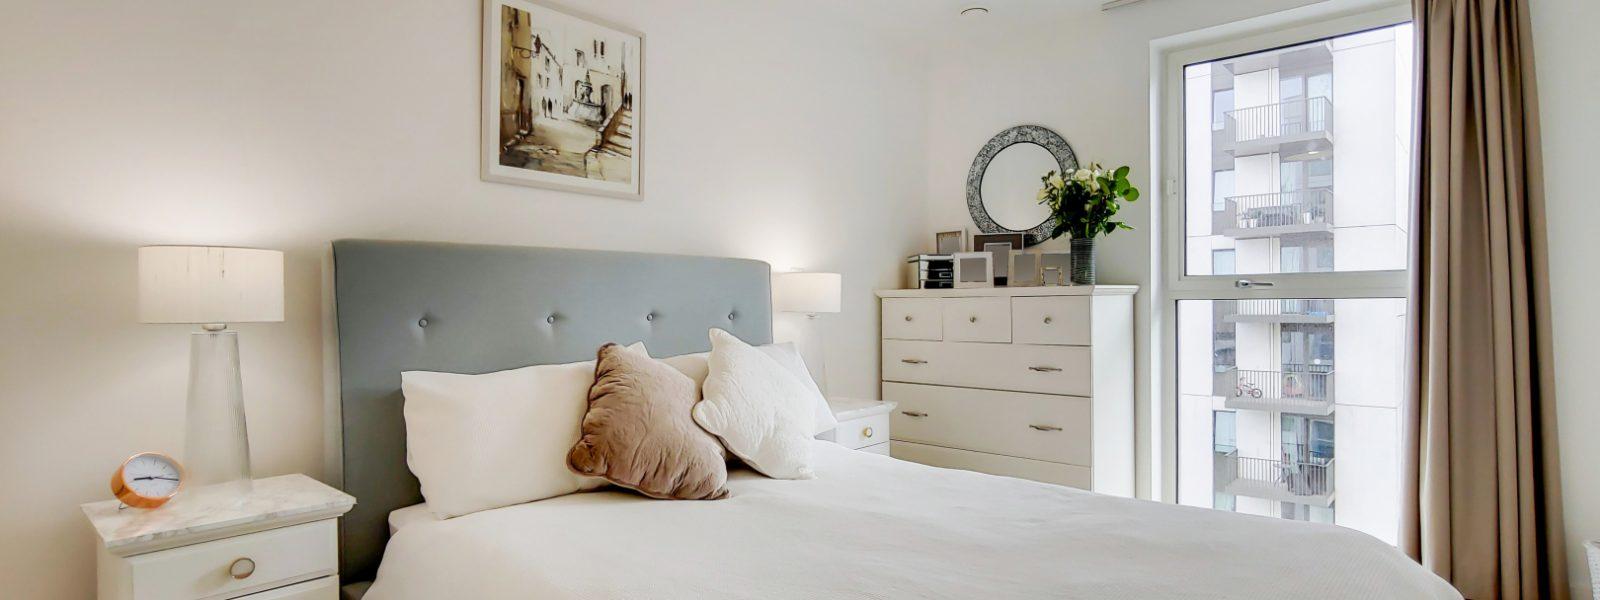 5_Main Bedroom-0